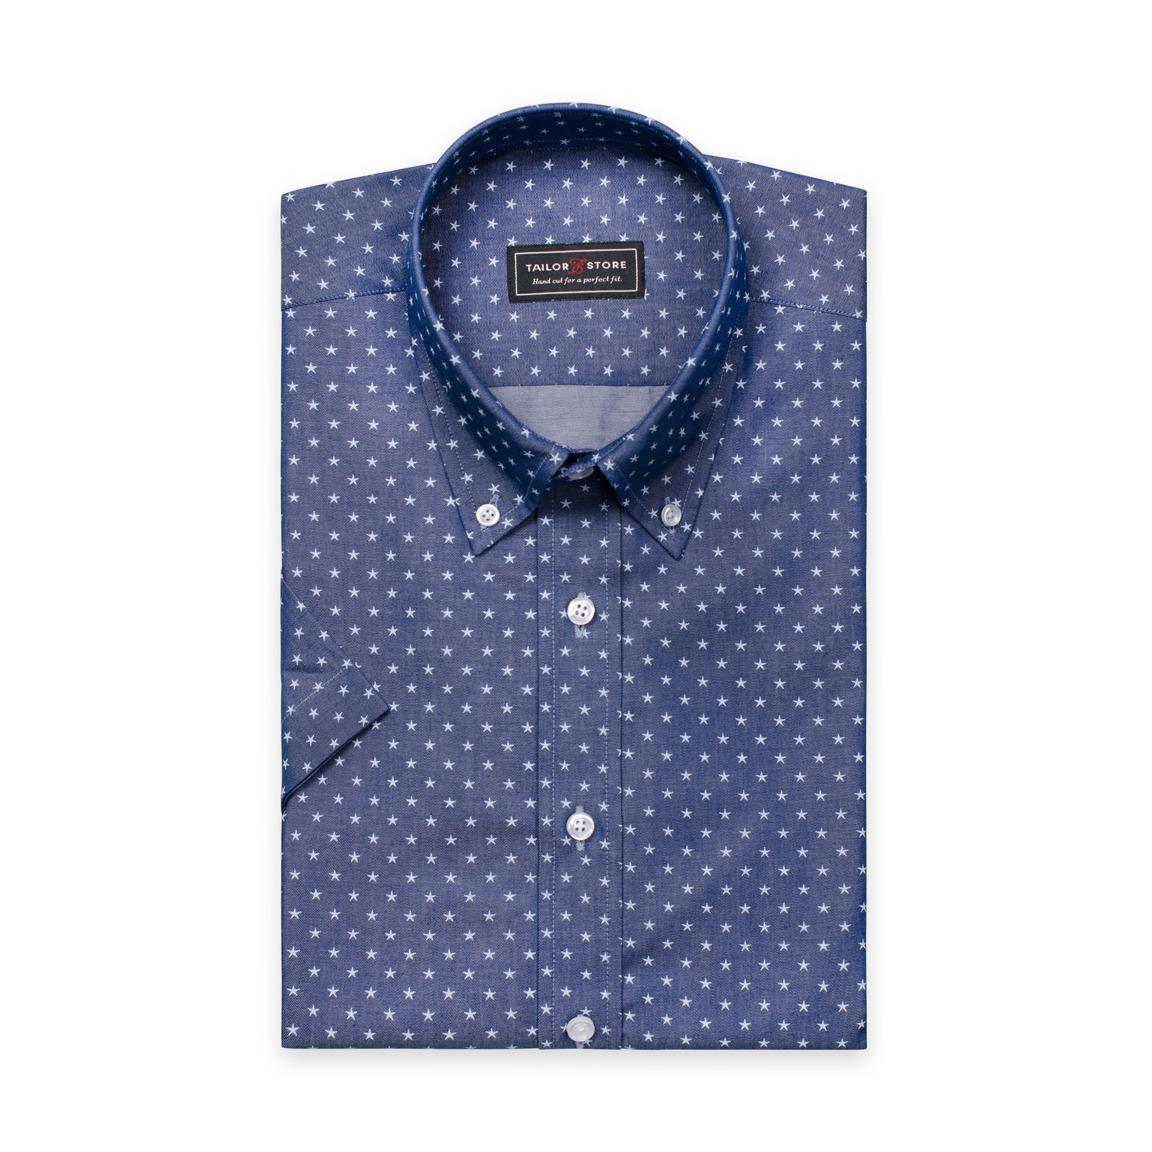 Blå chambrayskjorta med button-down classic krage